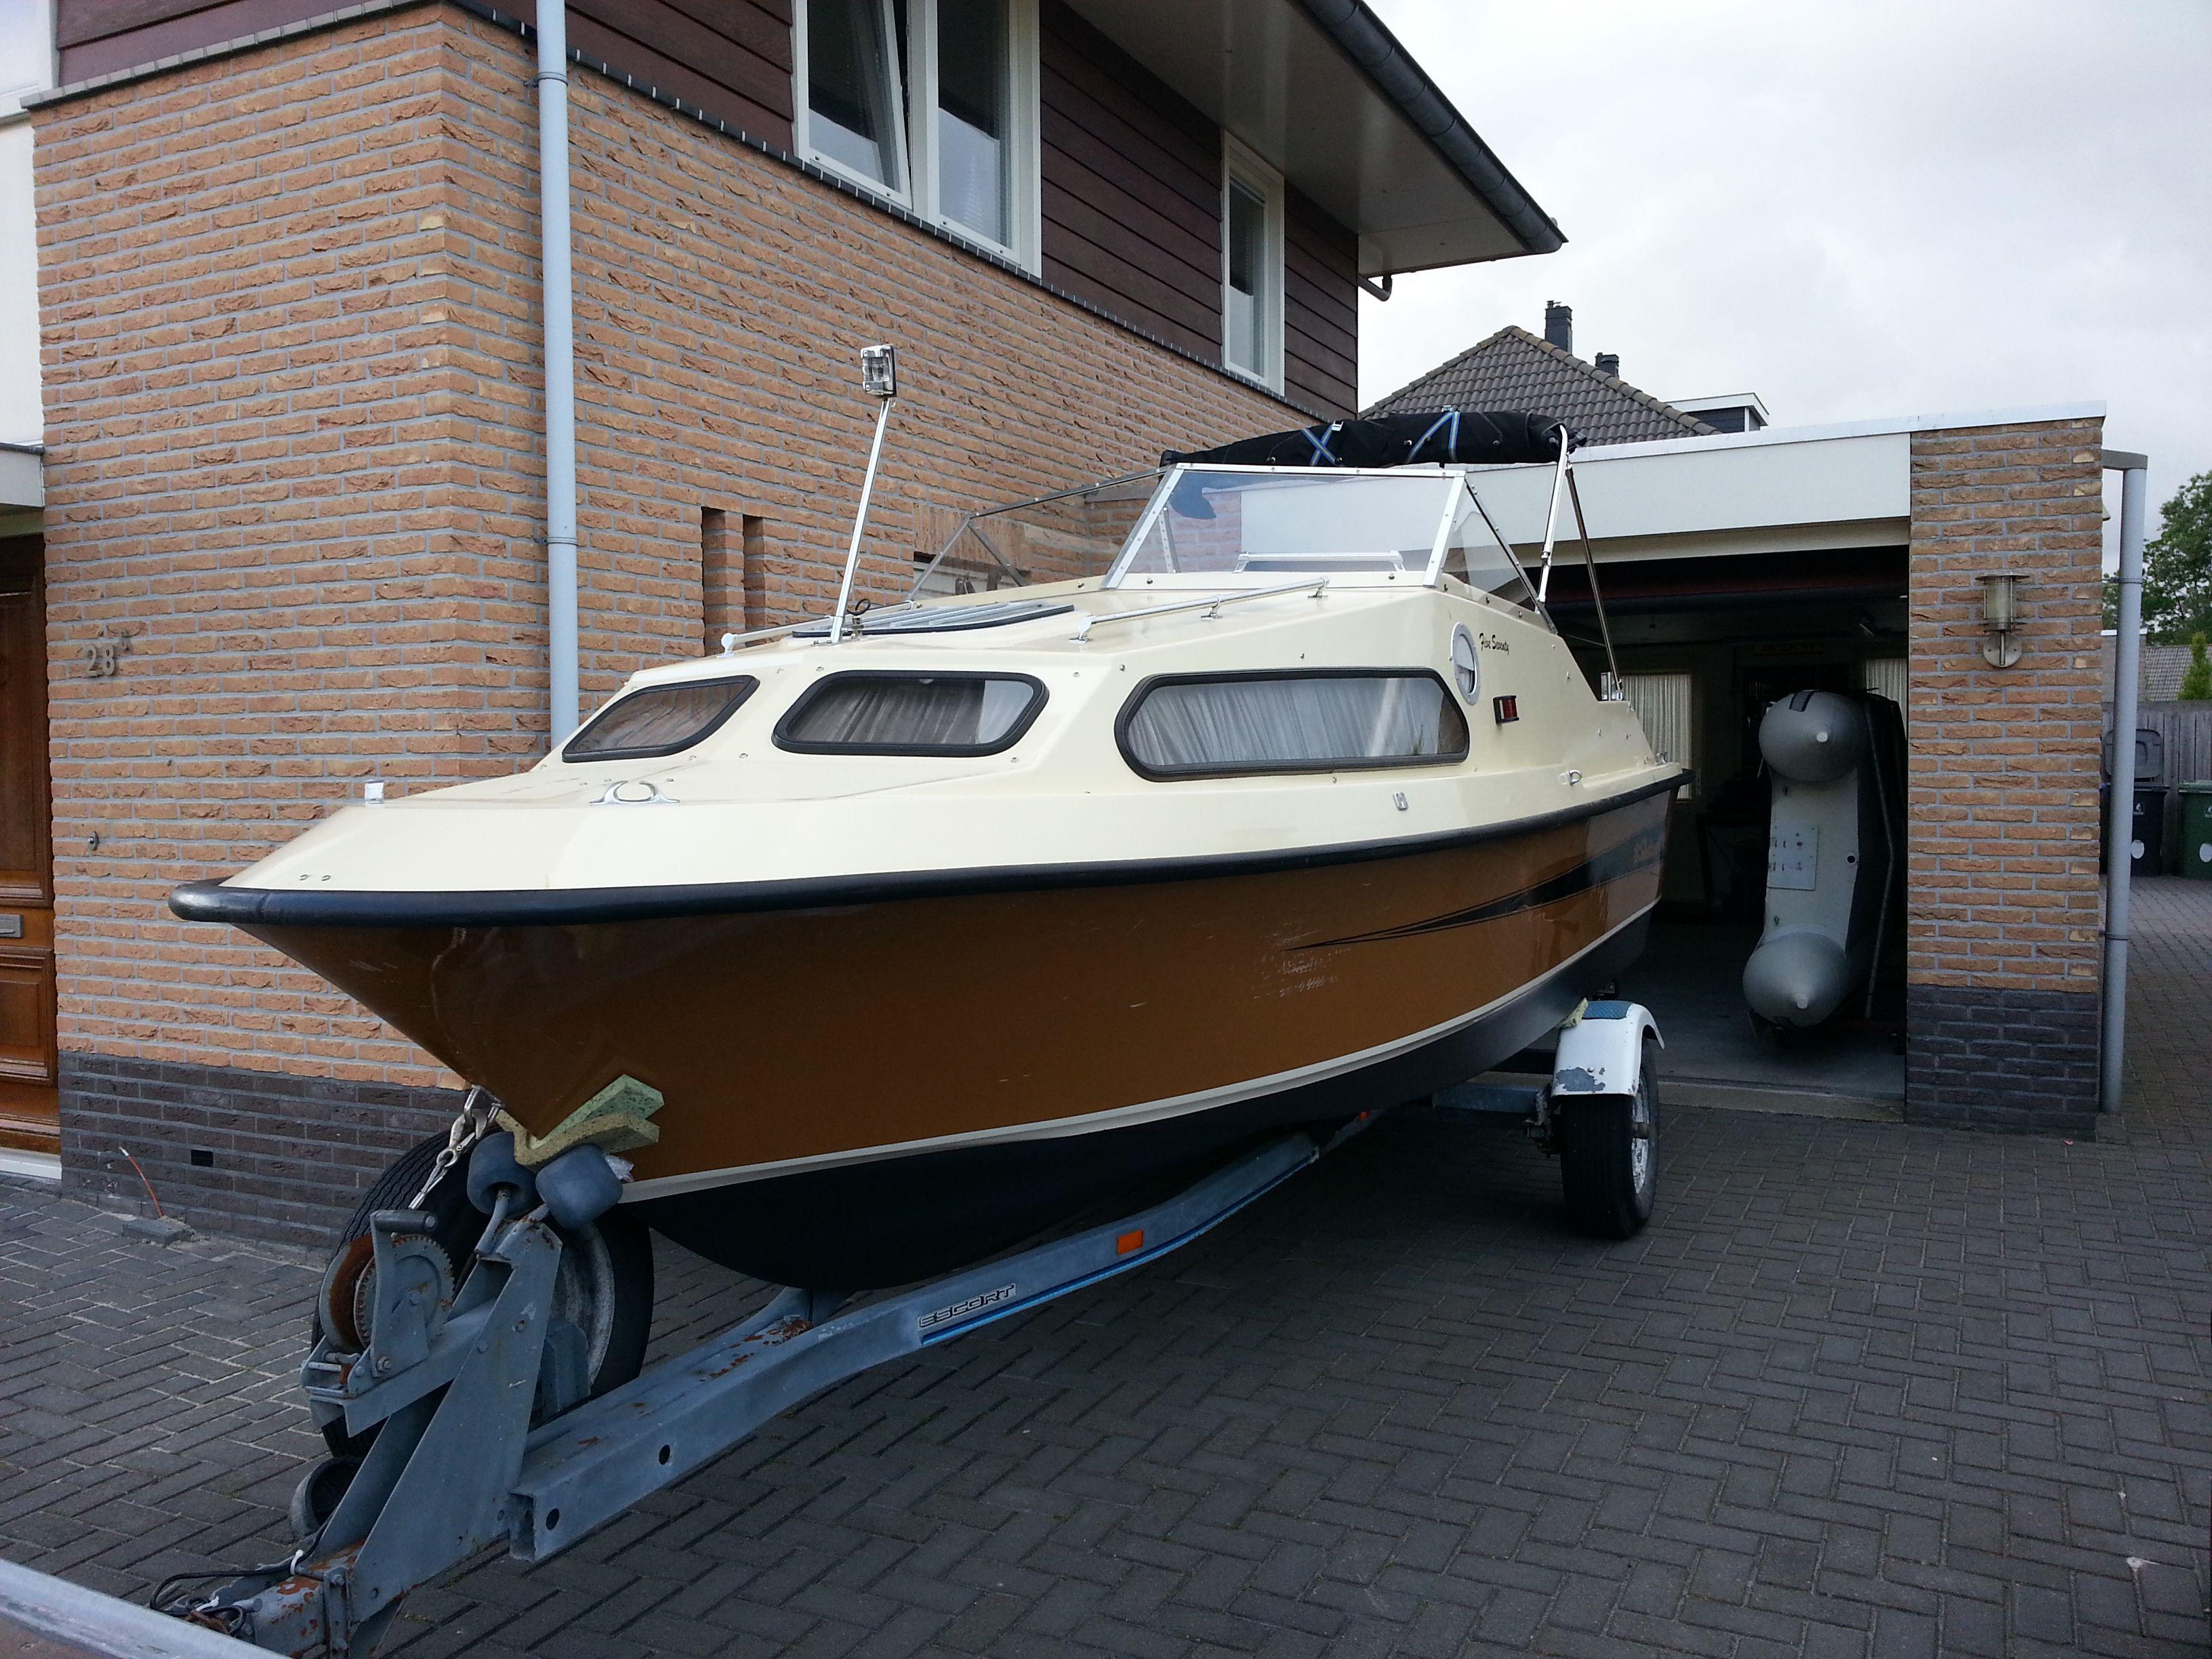 Shetland 570 & Shetland 570 | Boats | Pinterest